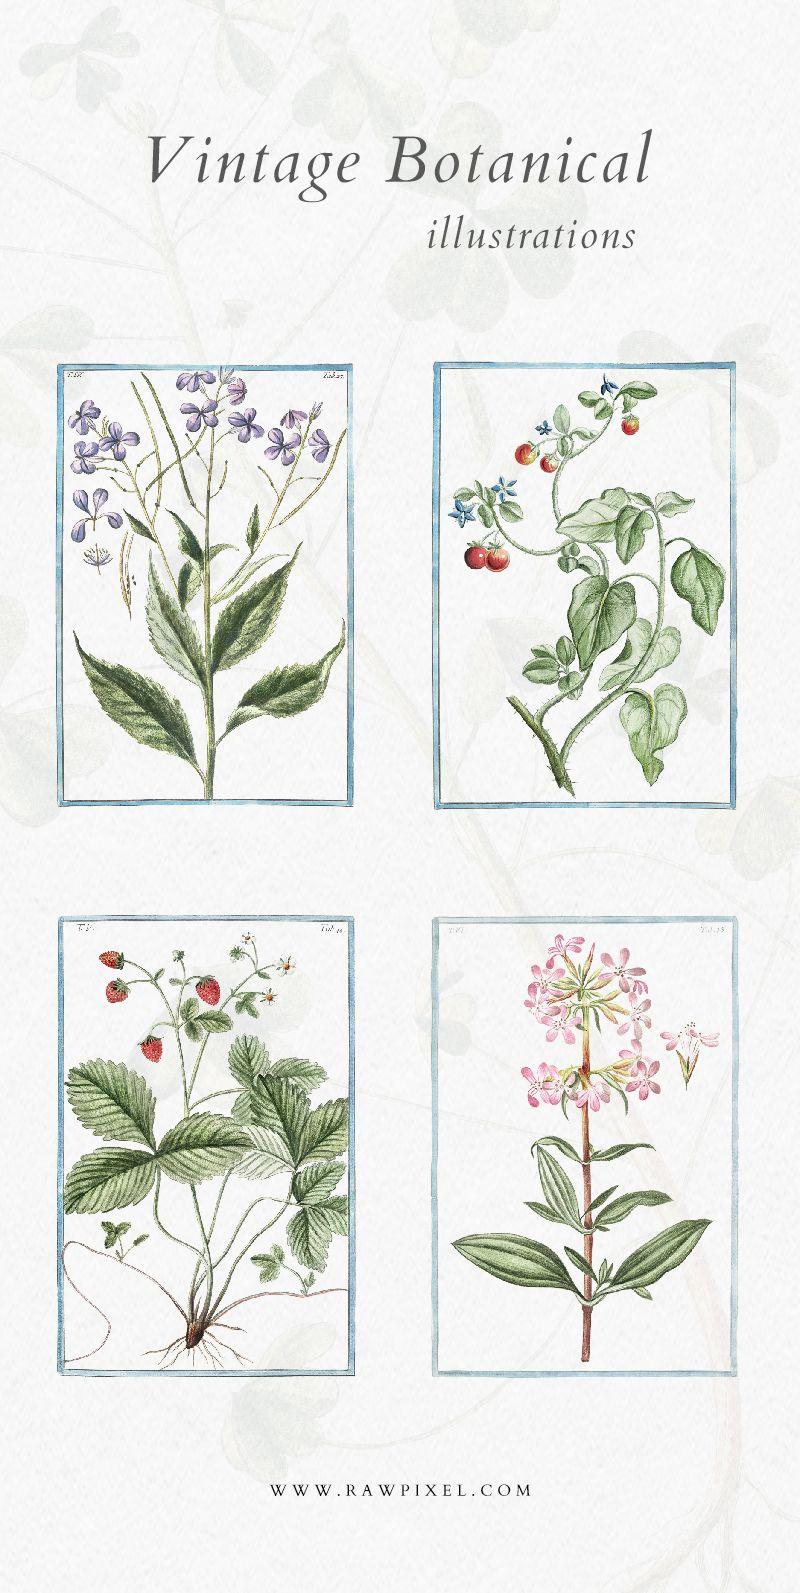 Hortus Romanus Illustrations In 2020 Flower Illustration Botanical Illustration Vintage Botanical Illustration